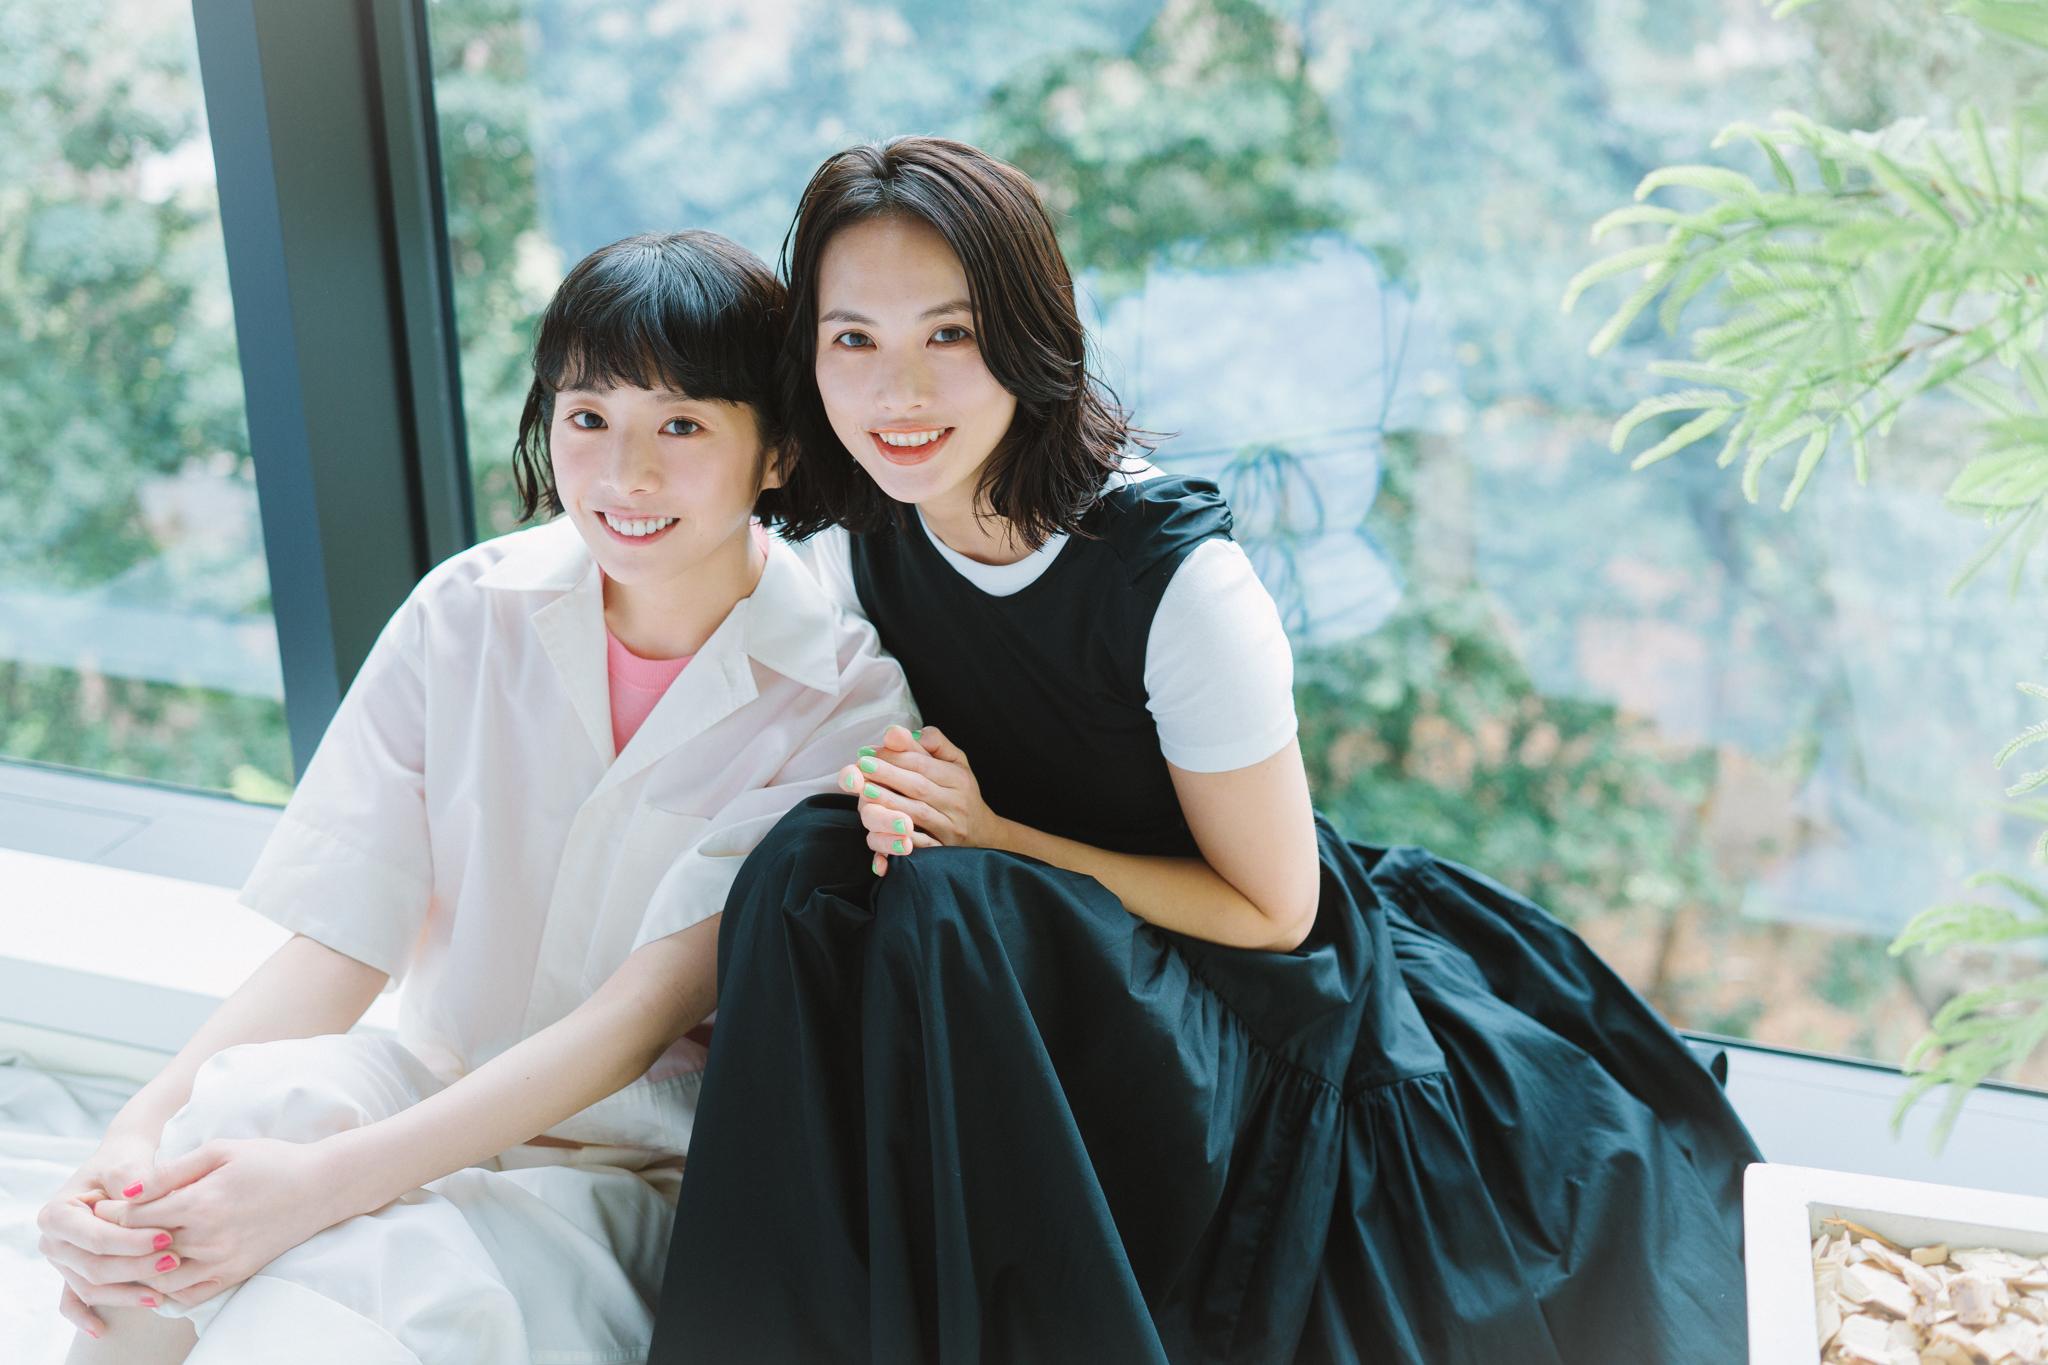 戦う女性の息抜きに。夏帆・臼田あさ美『架空OL日記』インタビュ—